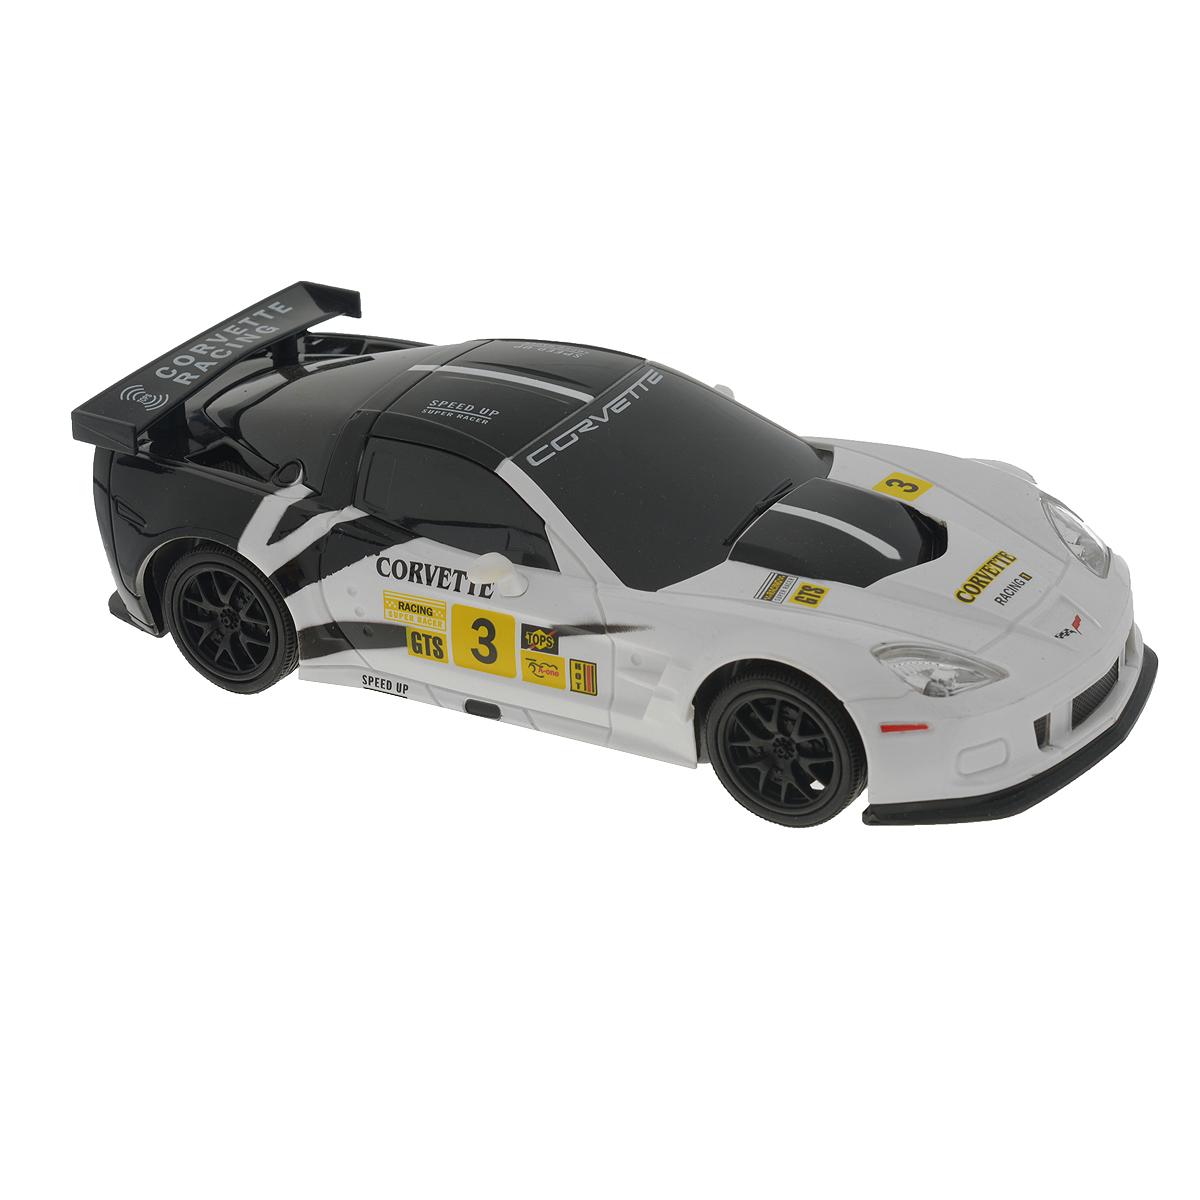 Машинка инерционная Guokai Corvette C6-R, цвет: черный, белый. Масштаб 1:241120870/866-82417_черный, белыйМашинка инерционная Guokai Corvette C6-R выполненная из безопасных полимерных материалов и резины, станет любимой игрушкой вашего ребенка! Машина является точной уменьшенной копией настоящего автомобиля. Игрушка оснащена инерционным ходом. Машинку необходимо отвести назад, затем отпустить - и она быстро поедет вперед. Прорезиненные колеса обеспечивают надежное сцепление с любой гладкой поверхностью. Ребенок увидит в такой машинке увлекательную и серьёзную игрушку, которая вызовет невероятный всплеск положительных эмоций. Ваш ребенок часами будет играть с такой игрушкой, придумывая различные истории и устраивая соревнования. Эта машинка будет интересна не только детям, но и взрослым коллекционерам. Рекомендуется докупить 3 батарейки напряжением 1,5V типа АА (товар комплектуется демонстрационными).